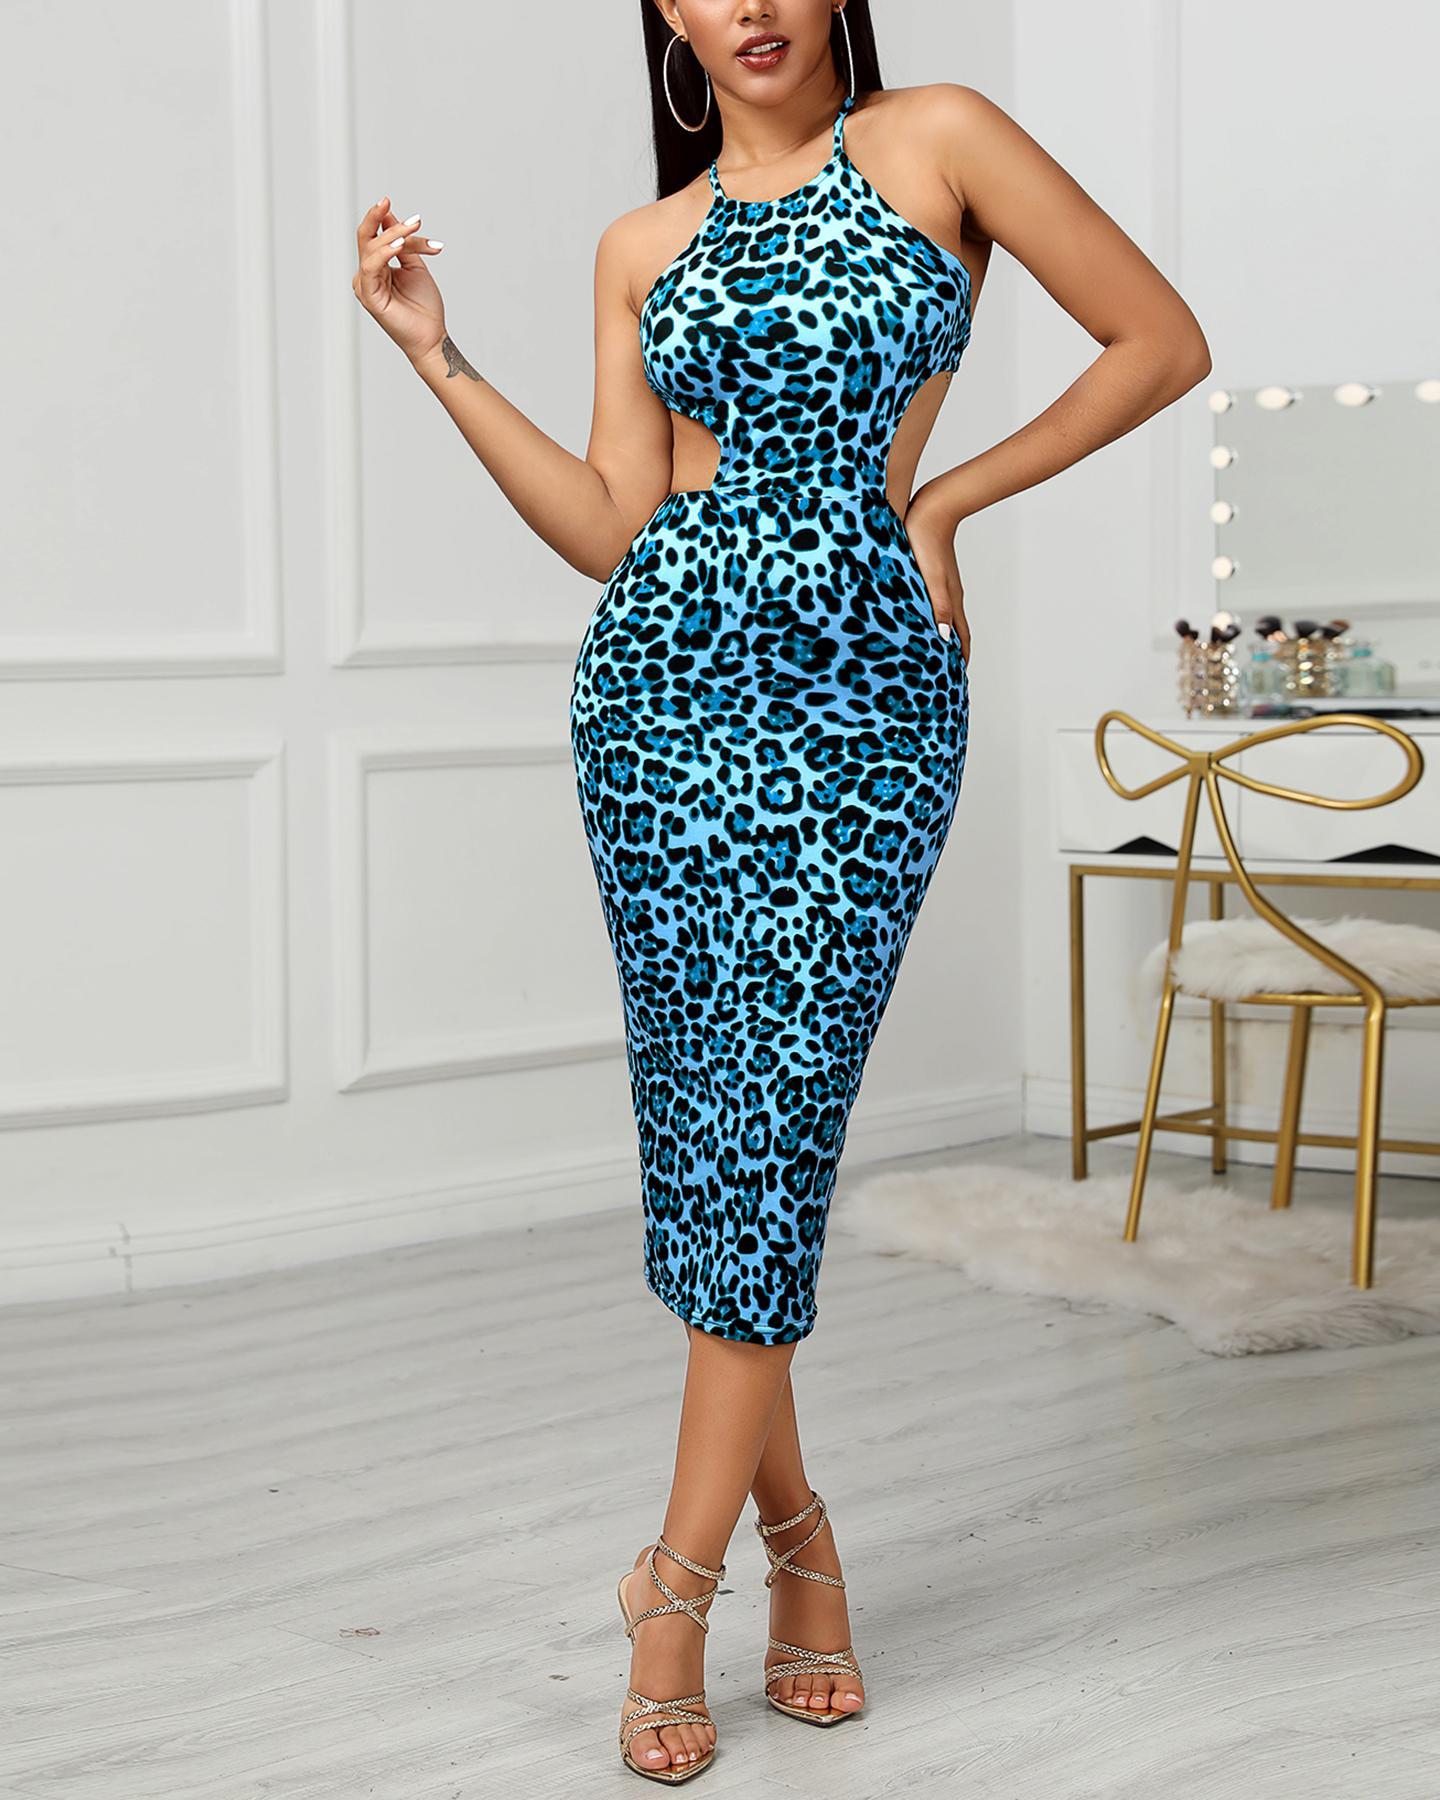 ivrose / Halter Cut Out Waist Leopard Bodycon Dress